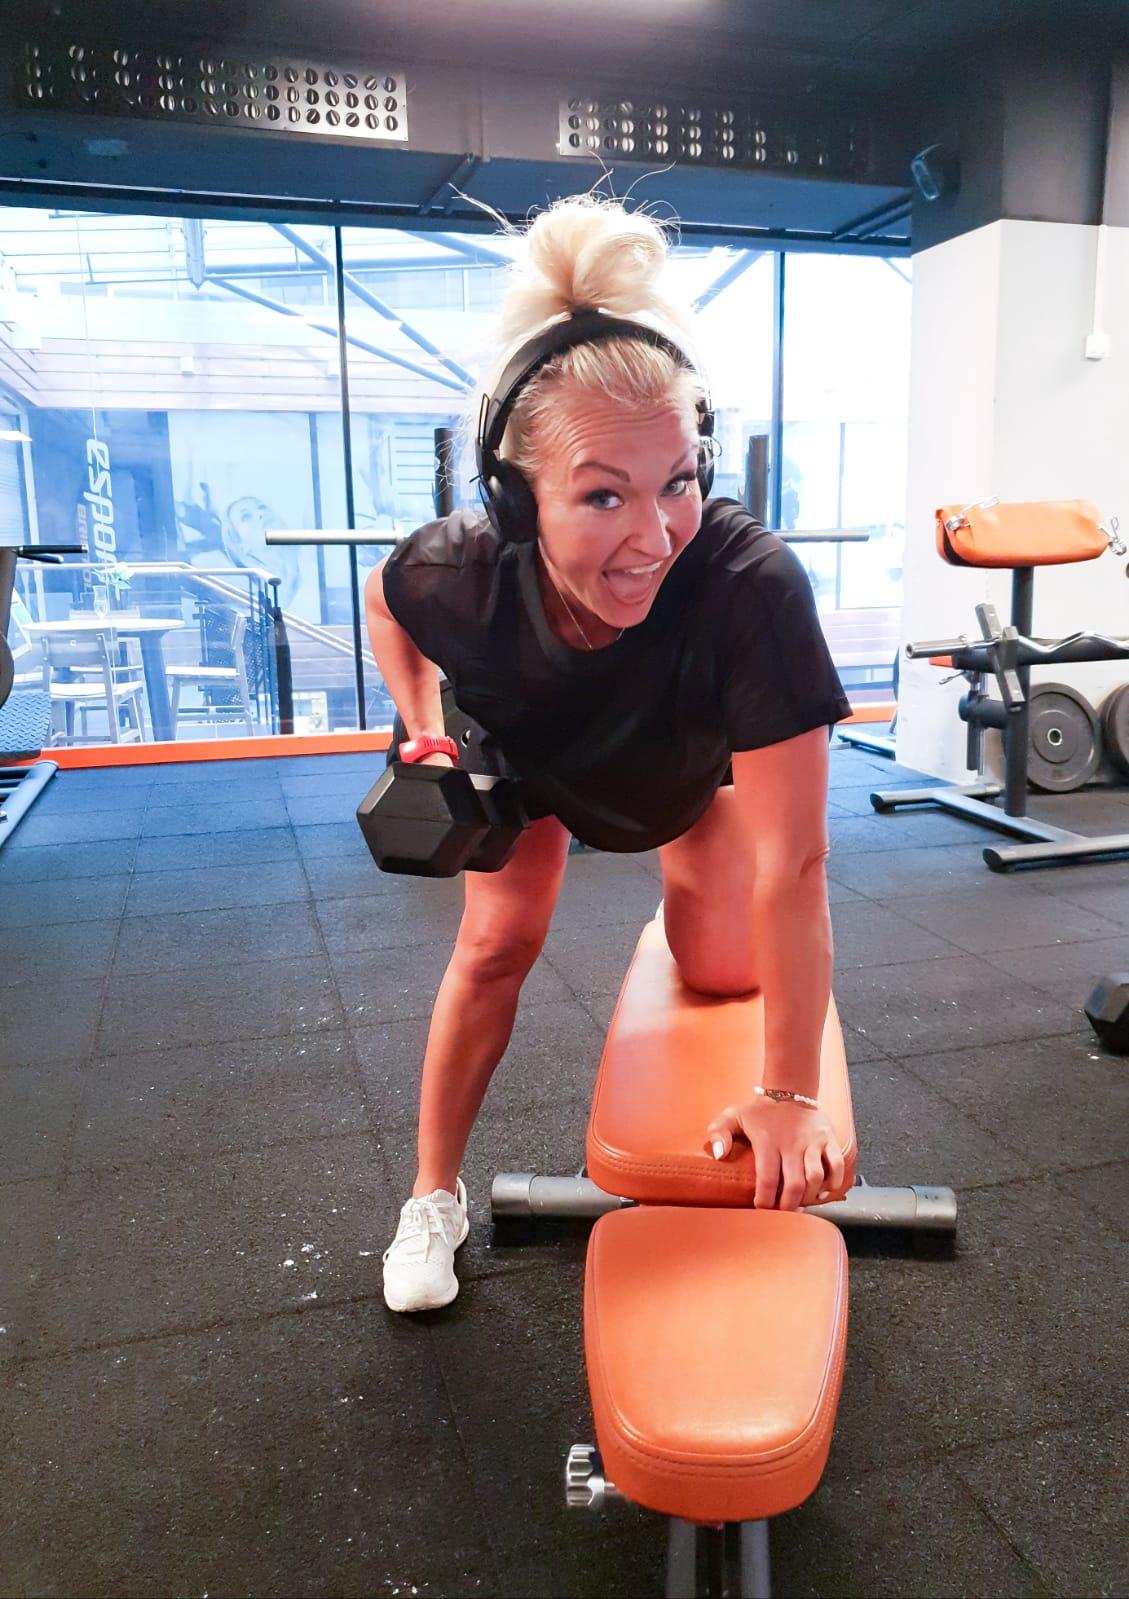 Löydä treeni-inspiraatiota ja osallistu Yvette lahjakortin arvontaan!